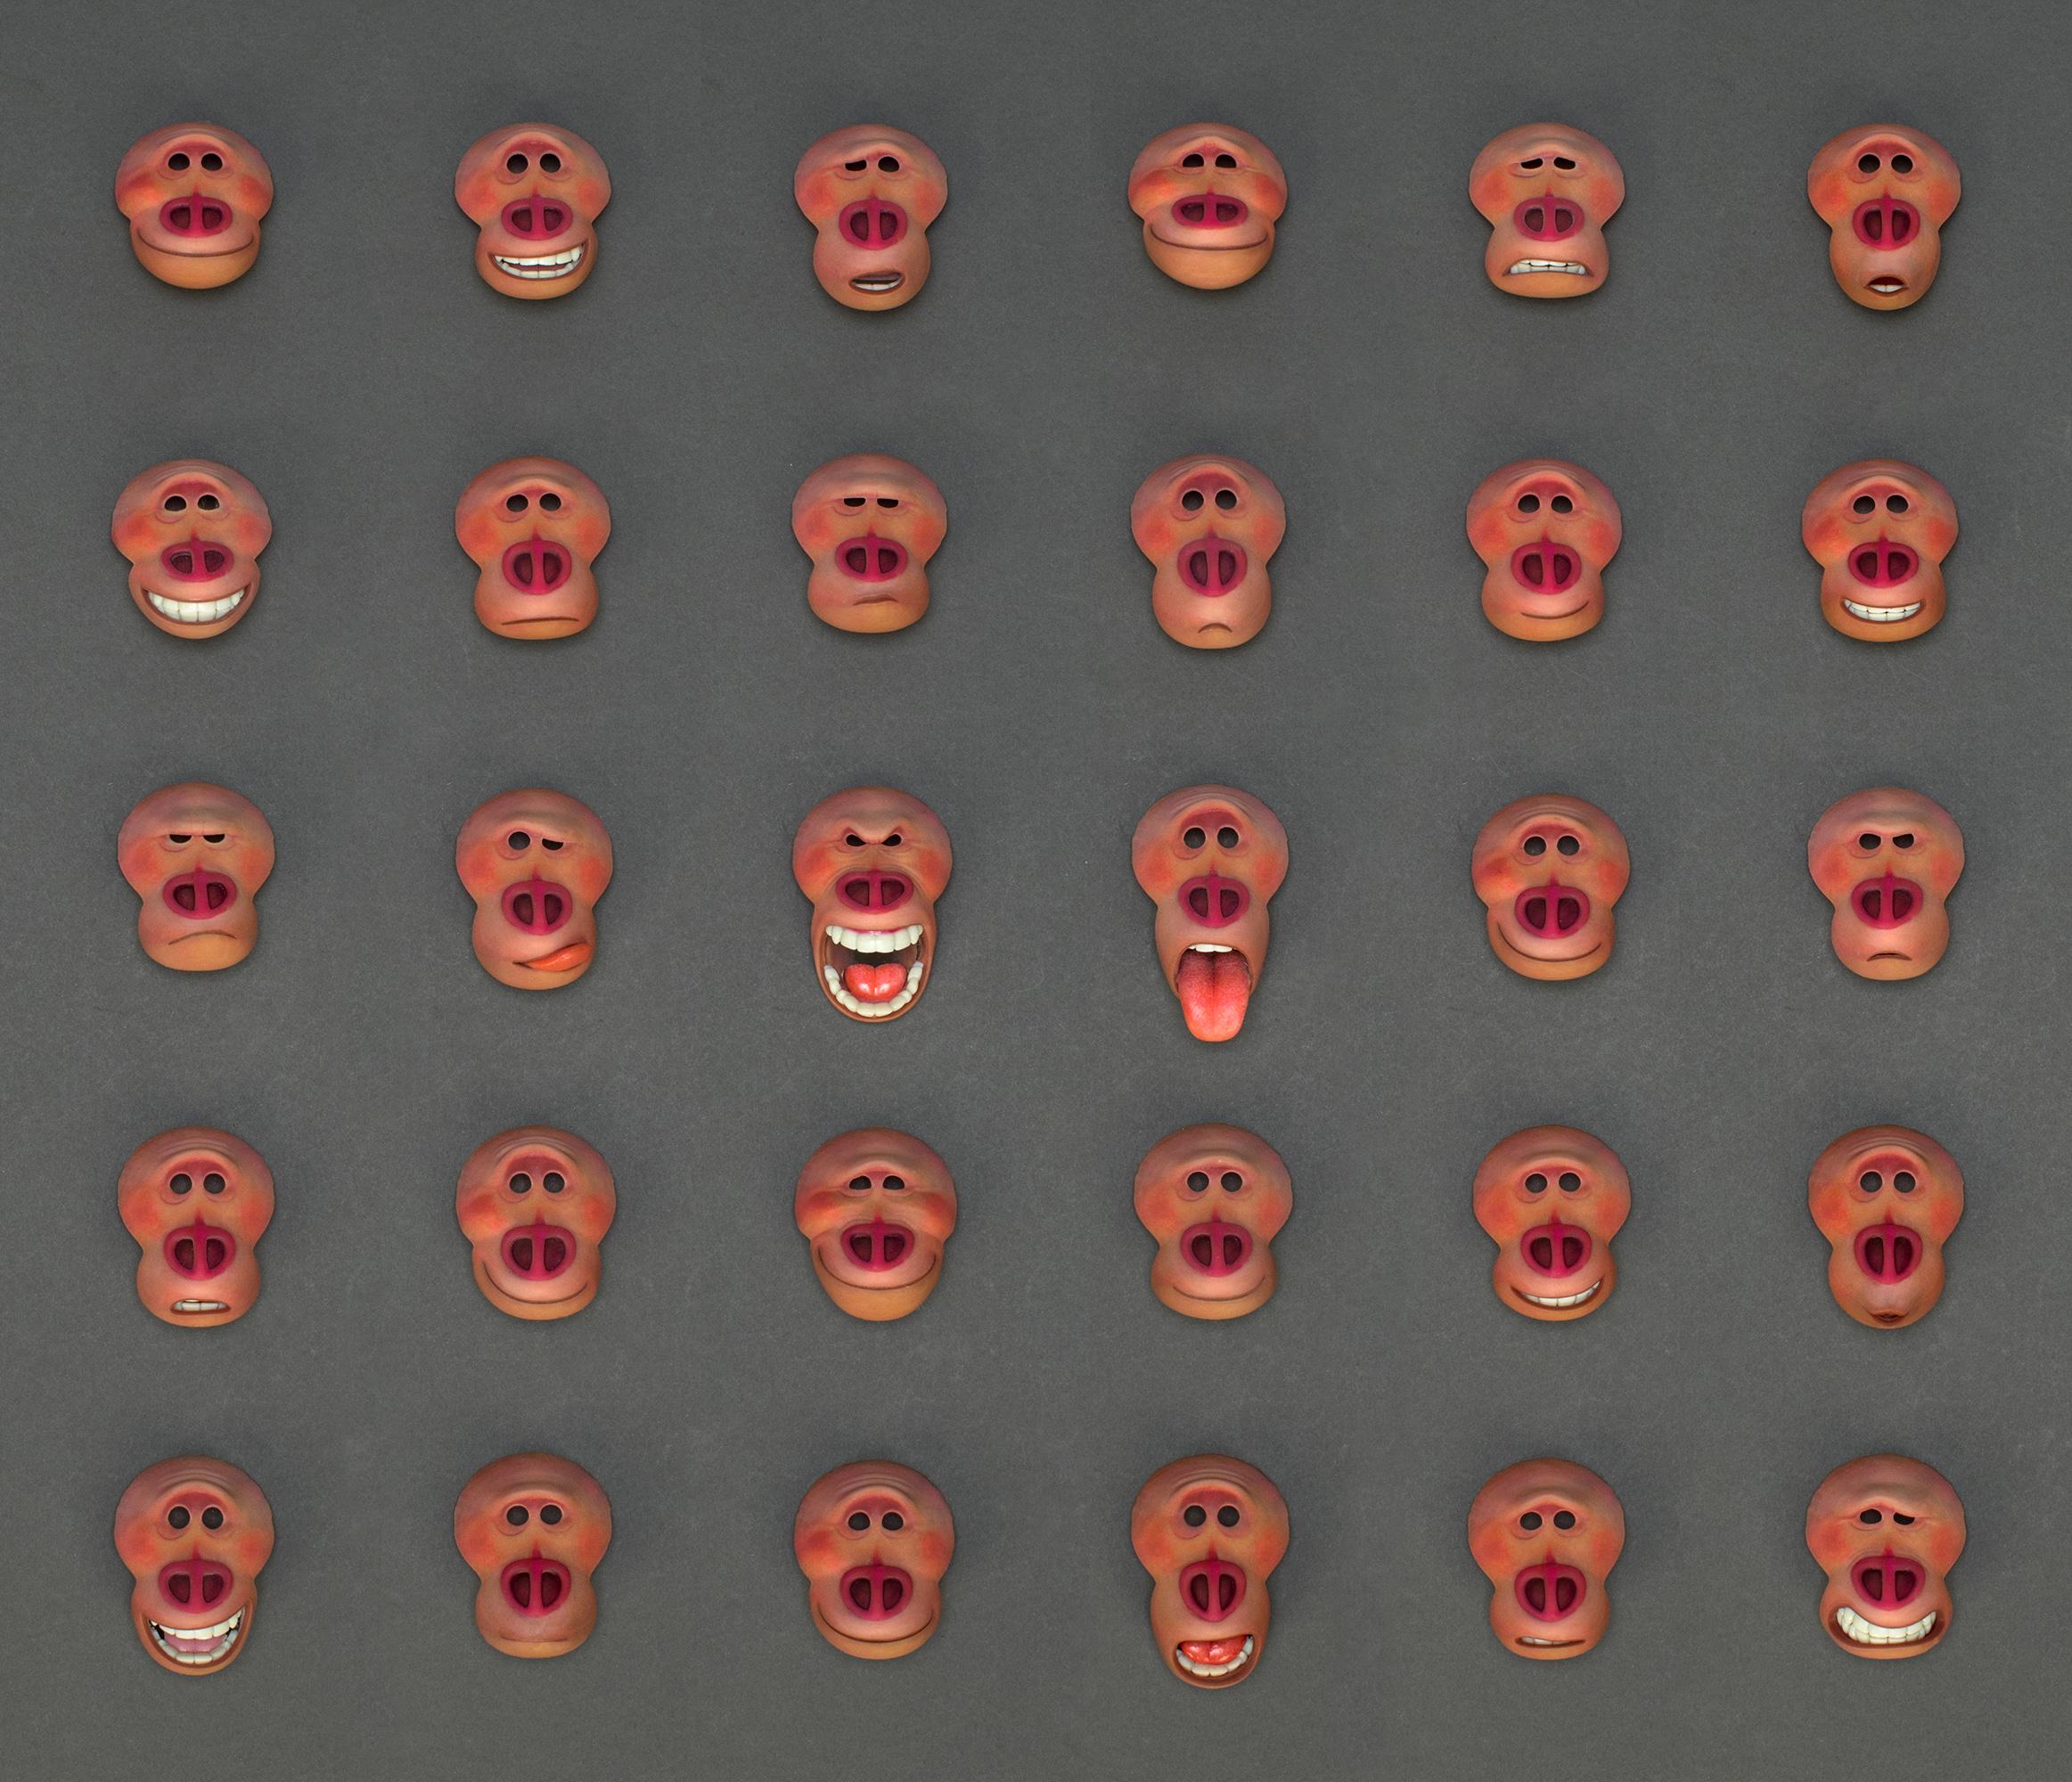 Các biểu cảm gương mặt của nhân vật Mr.Link được tạo thành bởi máy in 3D Stratasys J750